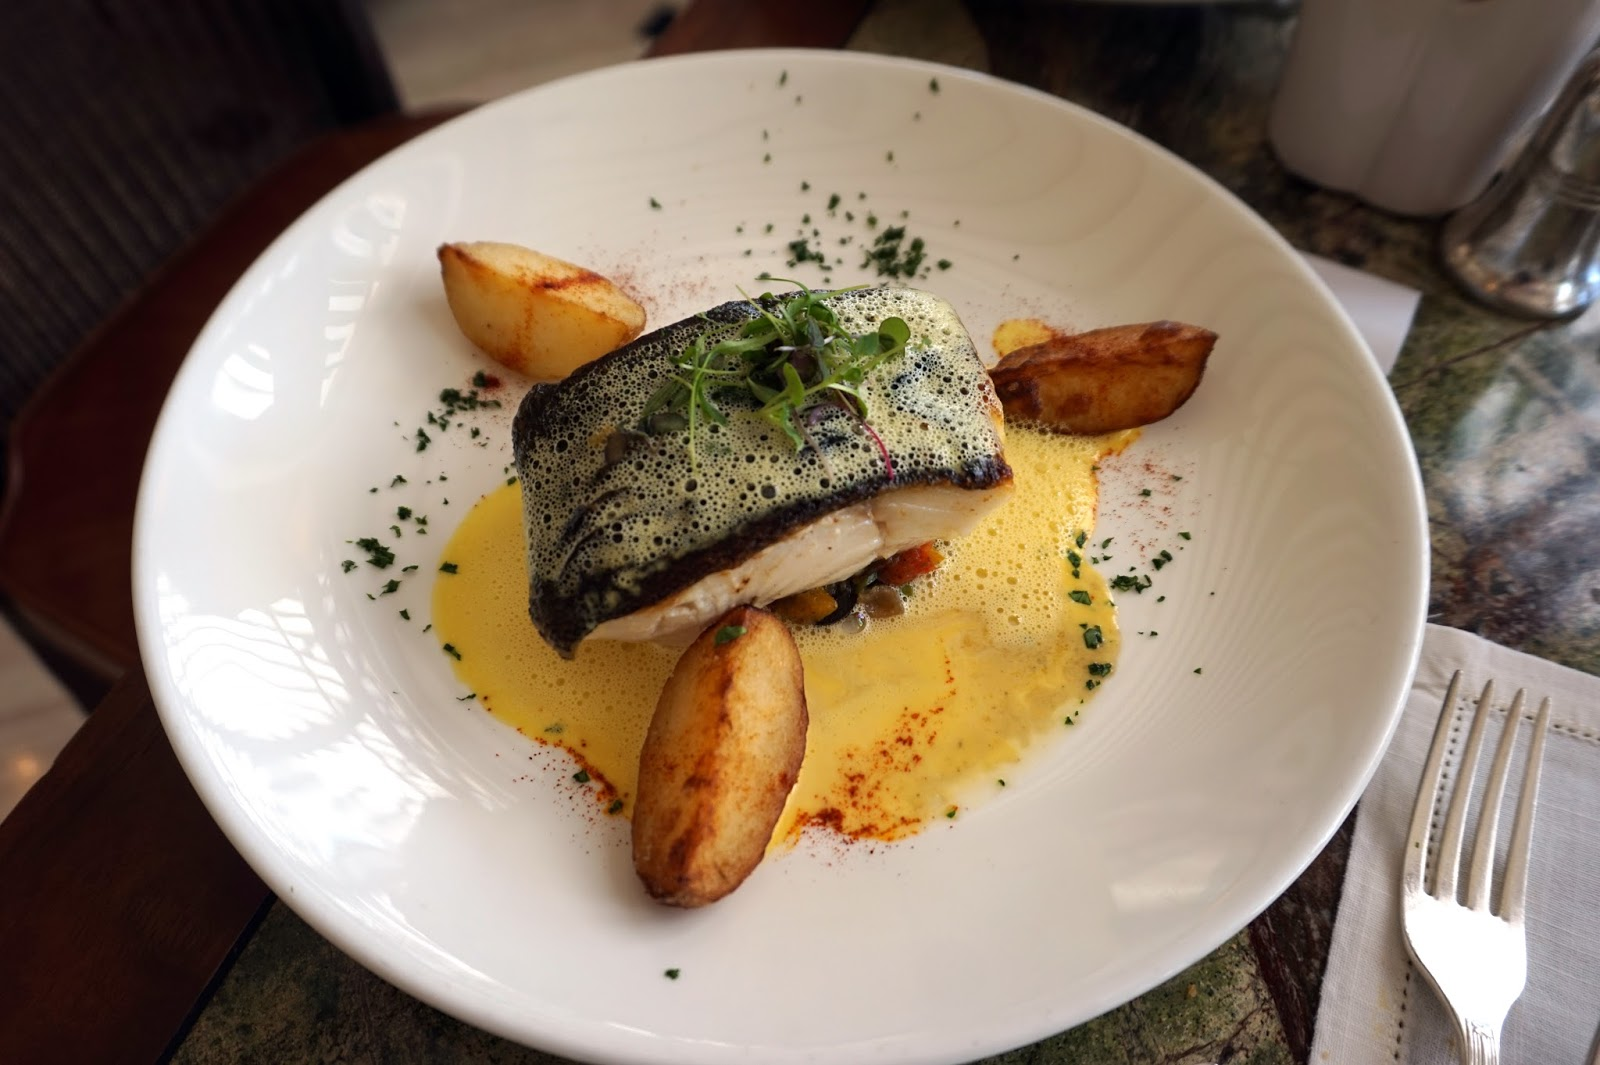 Cape Cod Sunday Brunch Part - 49: The Verandah Hong Kong Repulse Bay Brunch Food Lunch Buffet Grilled Cod